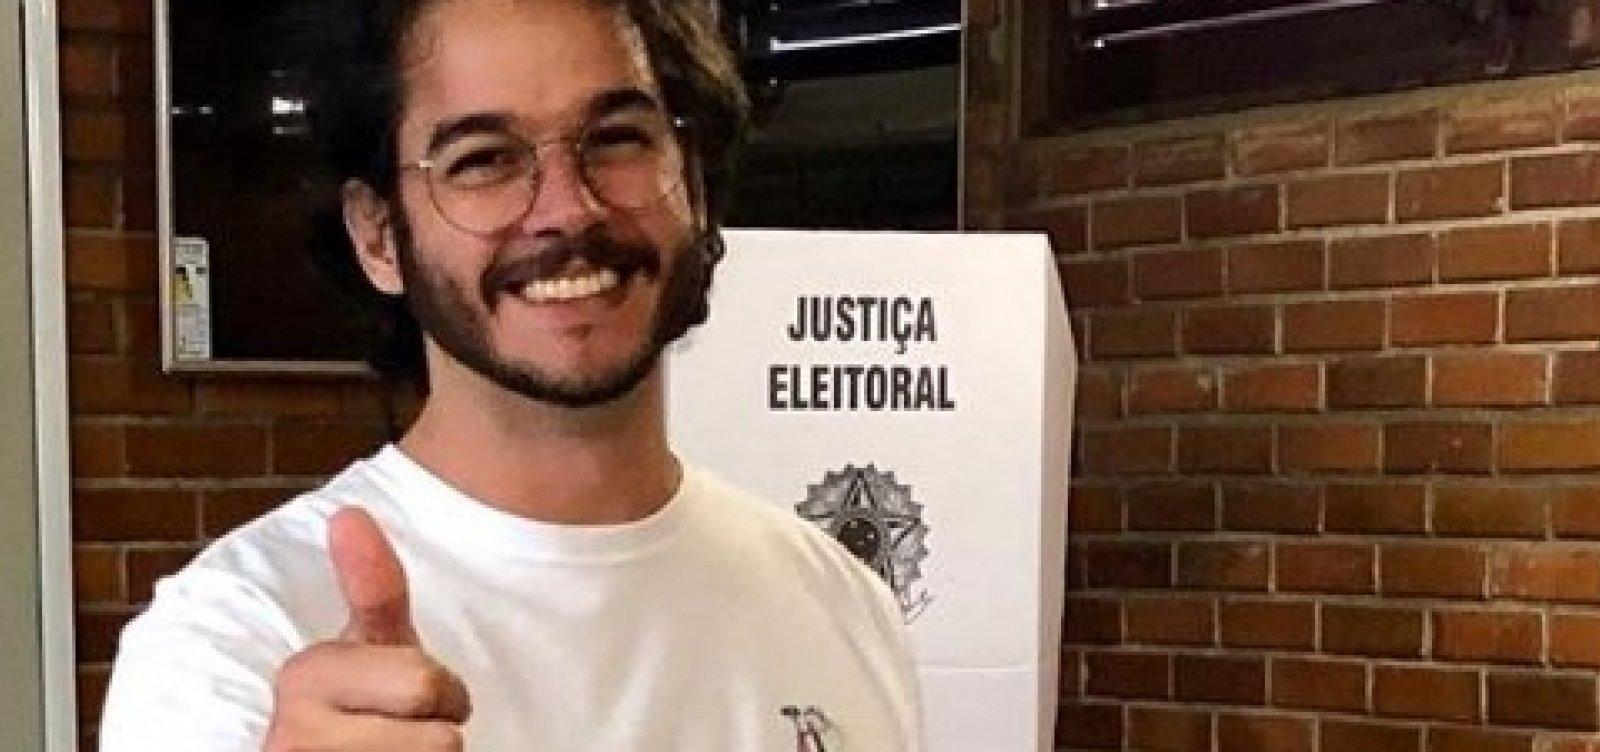 Túlio Gadêlha, namorado de Fátima Bernardes, é eleito deputado federal em Pernambuco